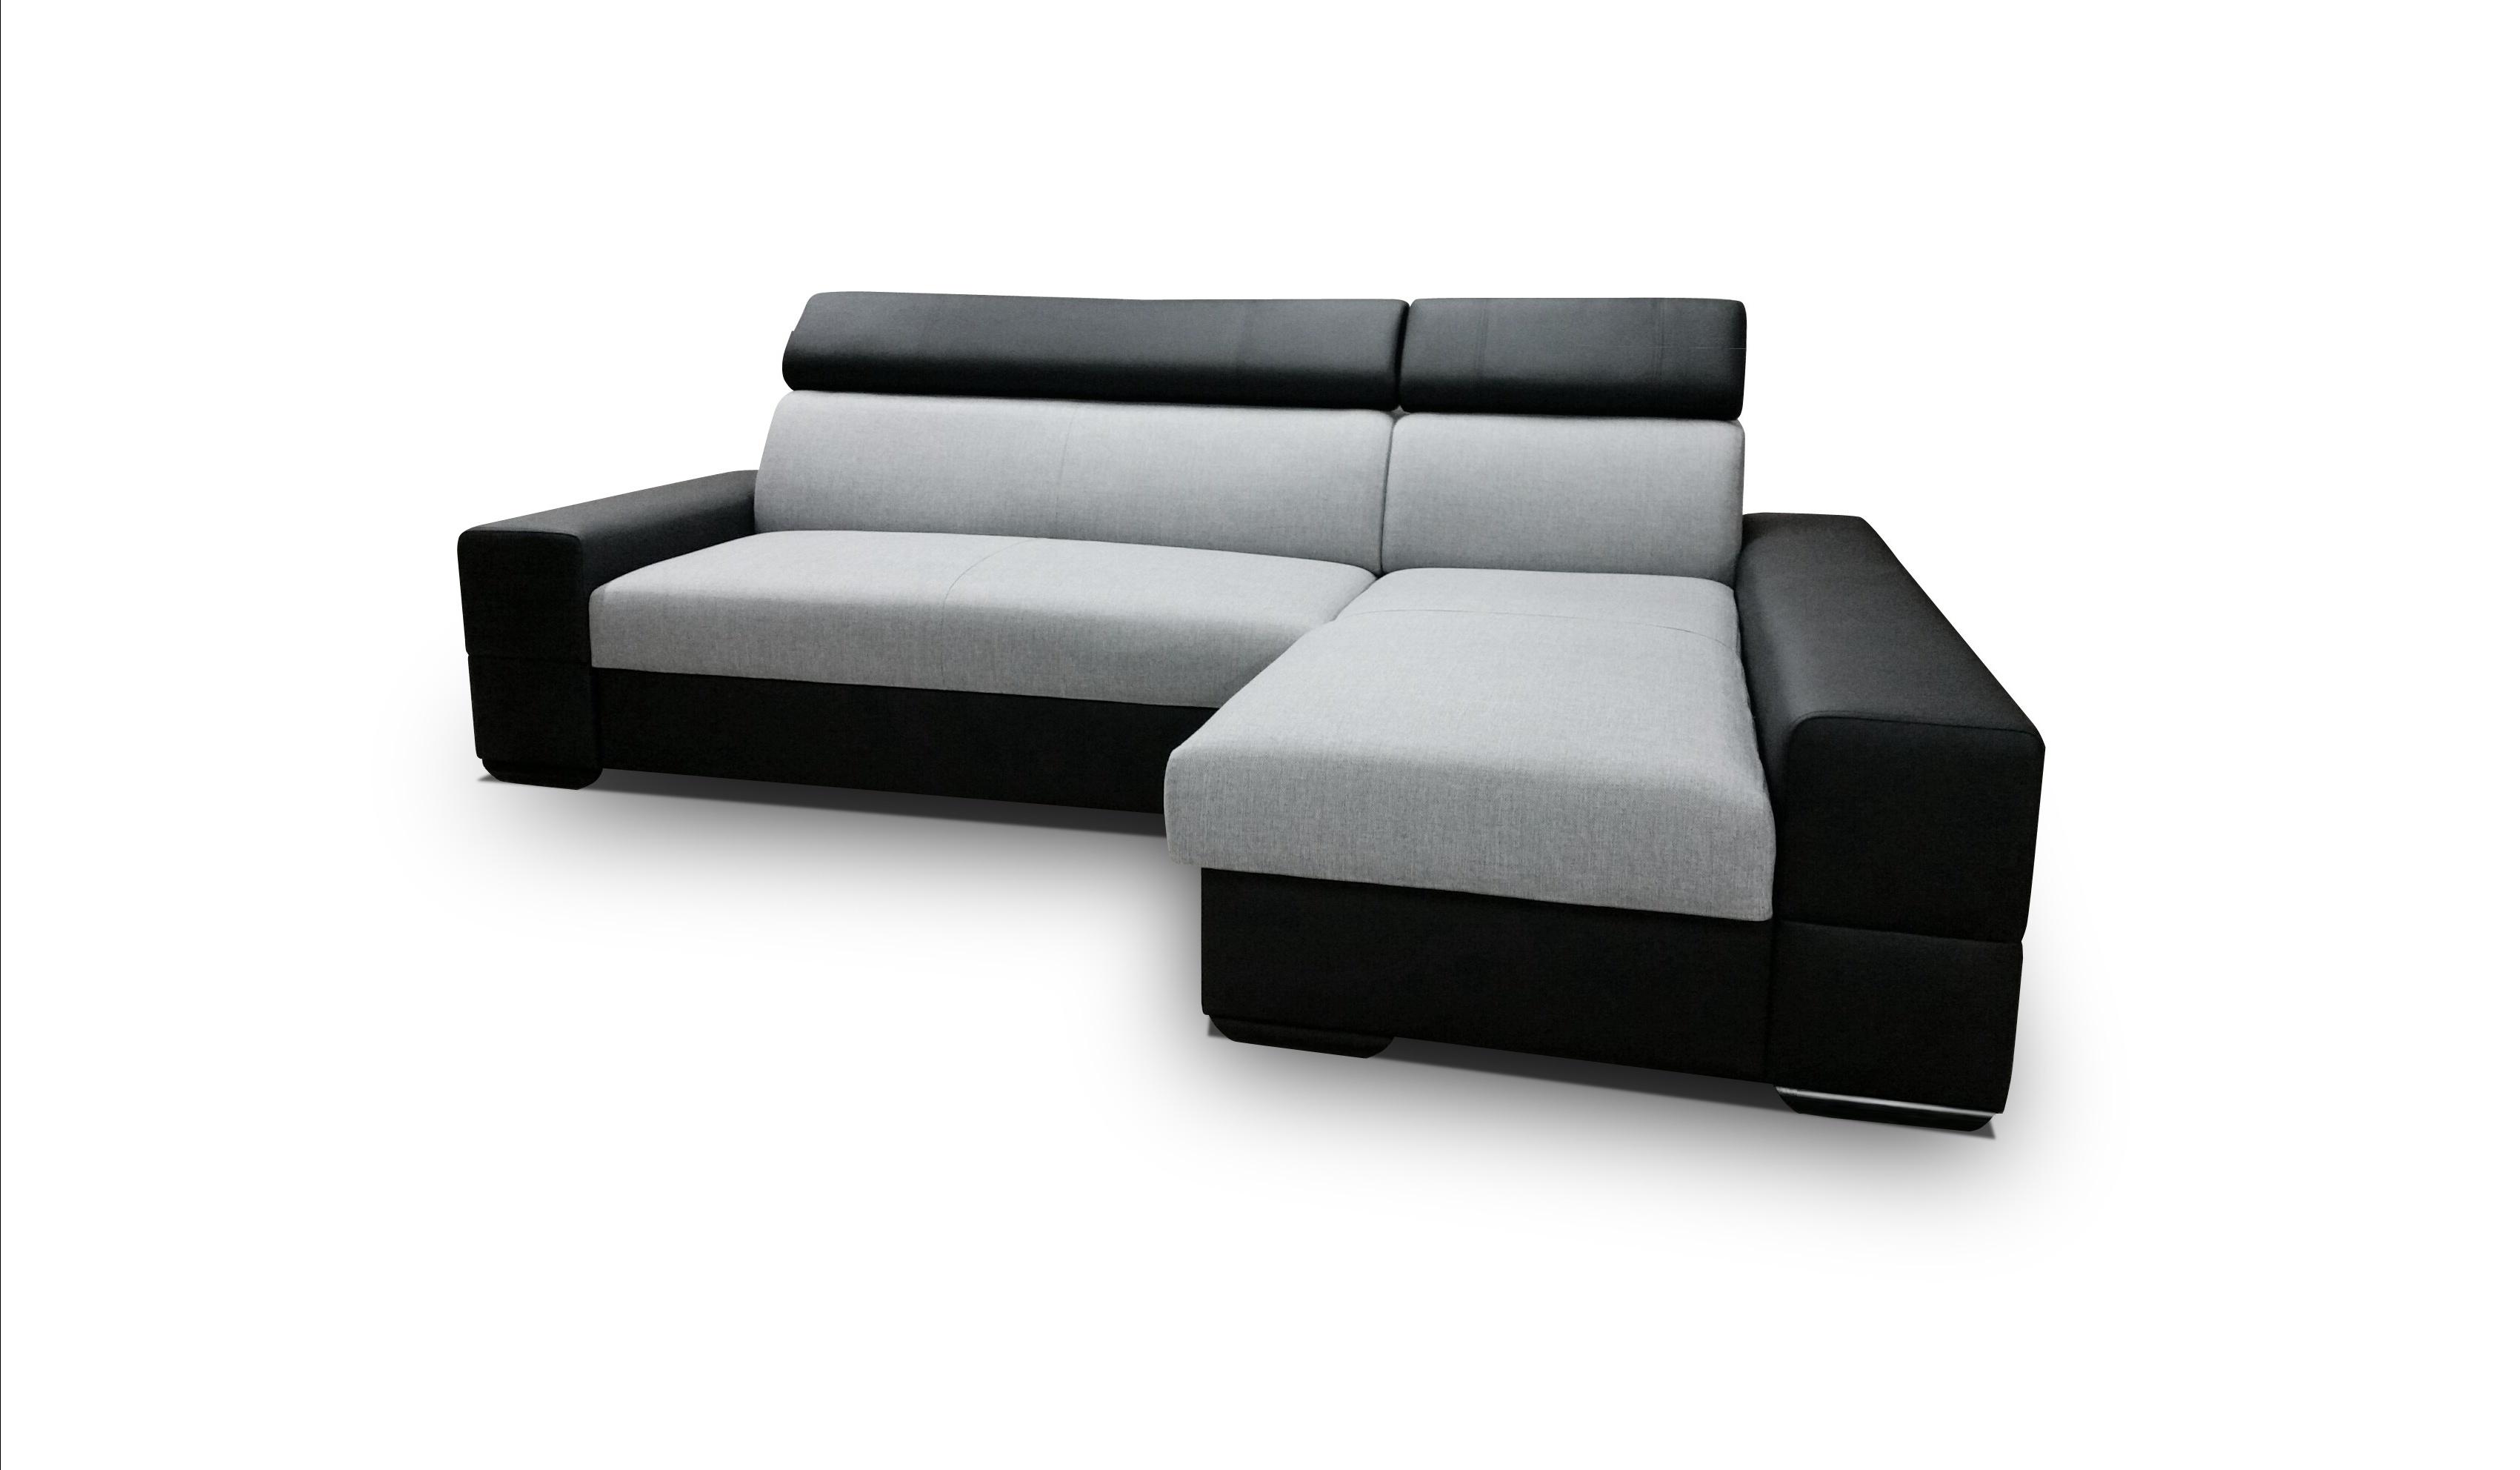 Smartshop Rohová sedačka CORTINA 3, pravá, šedá látka/černá ekokůže